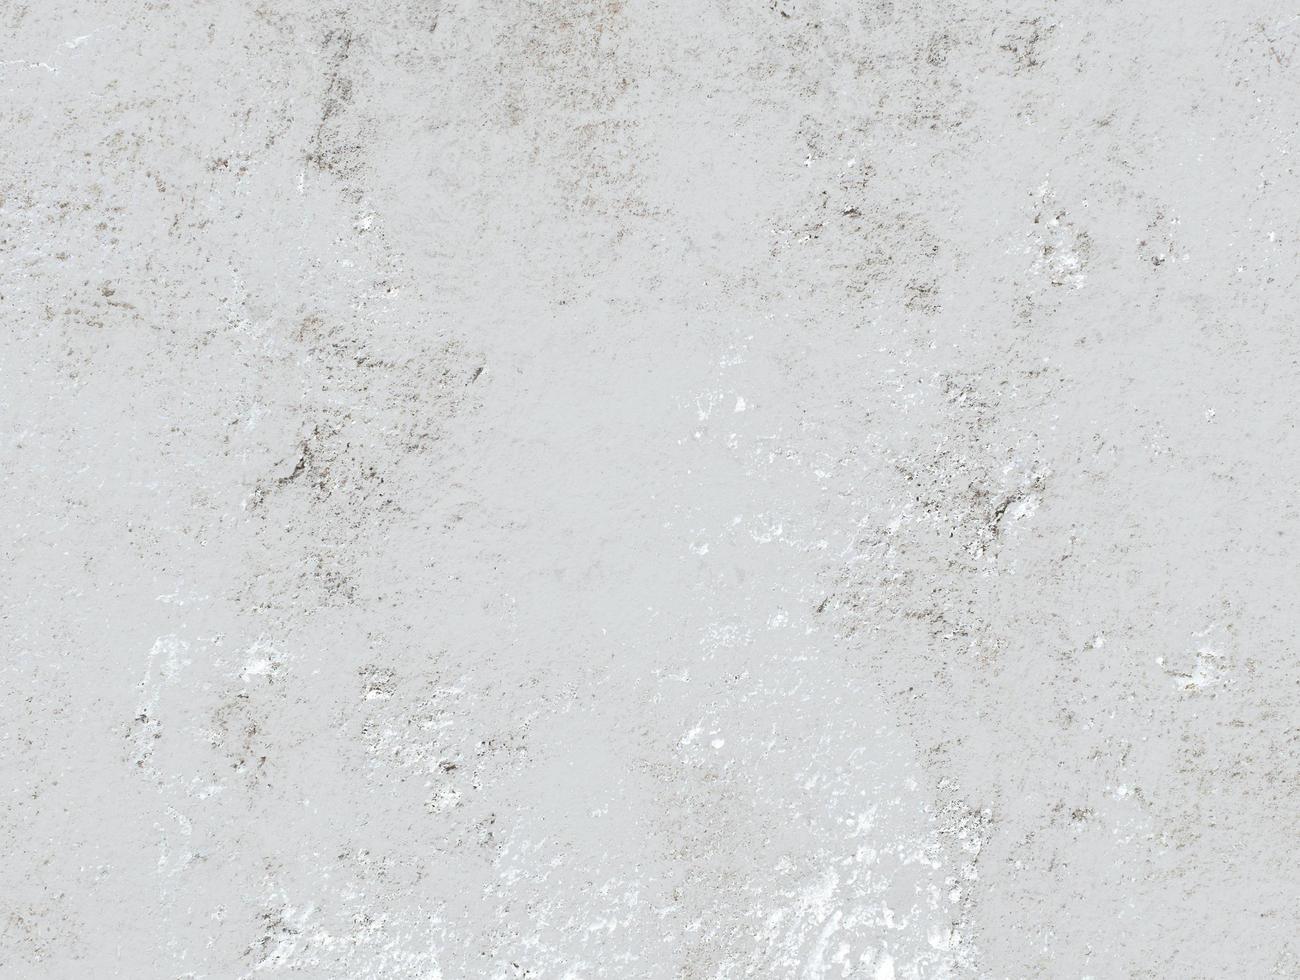 grå sten textur bakgrund foto